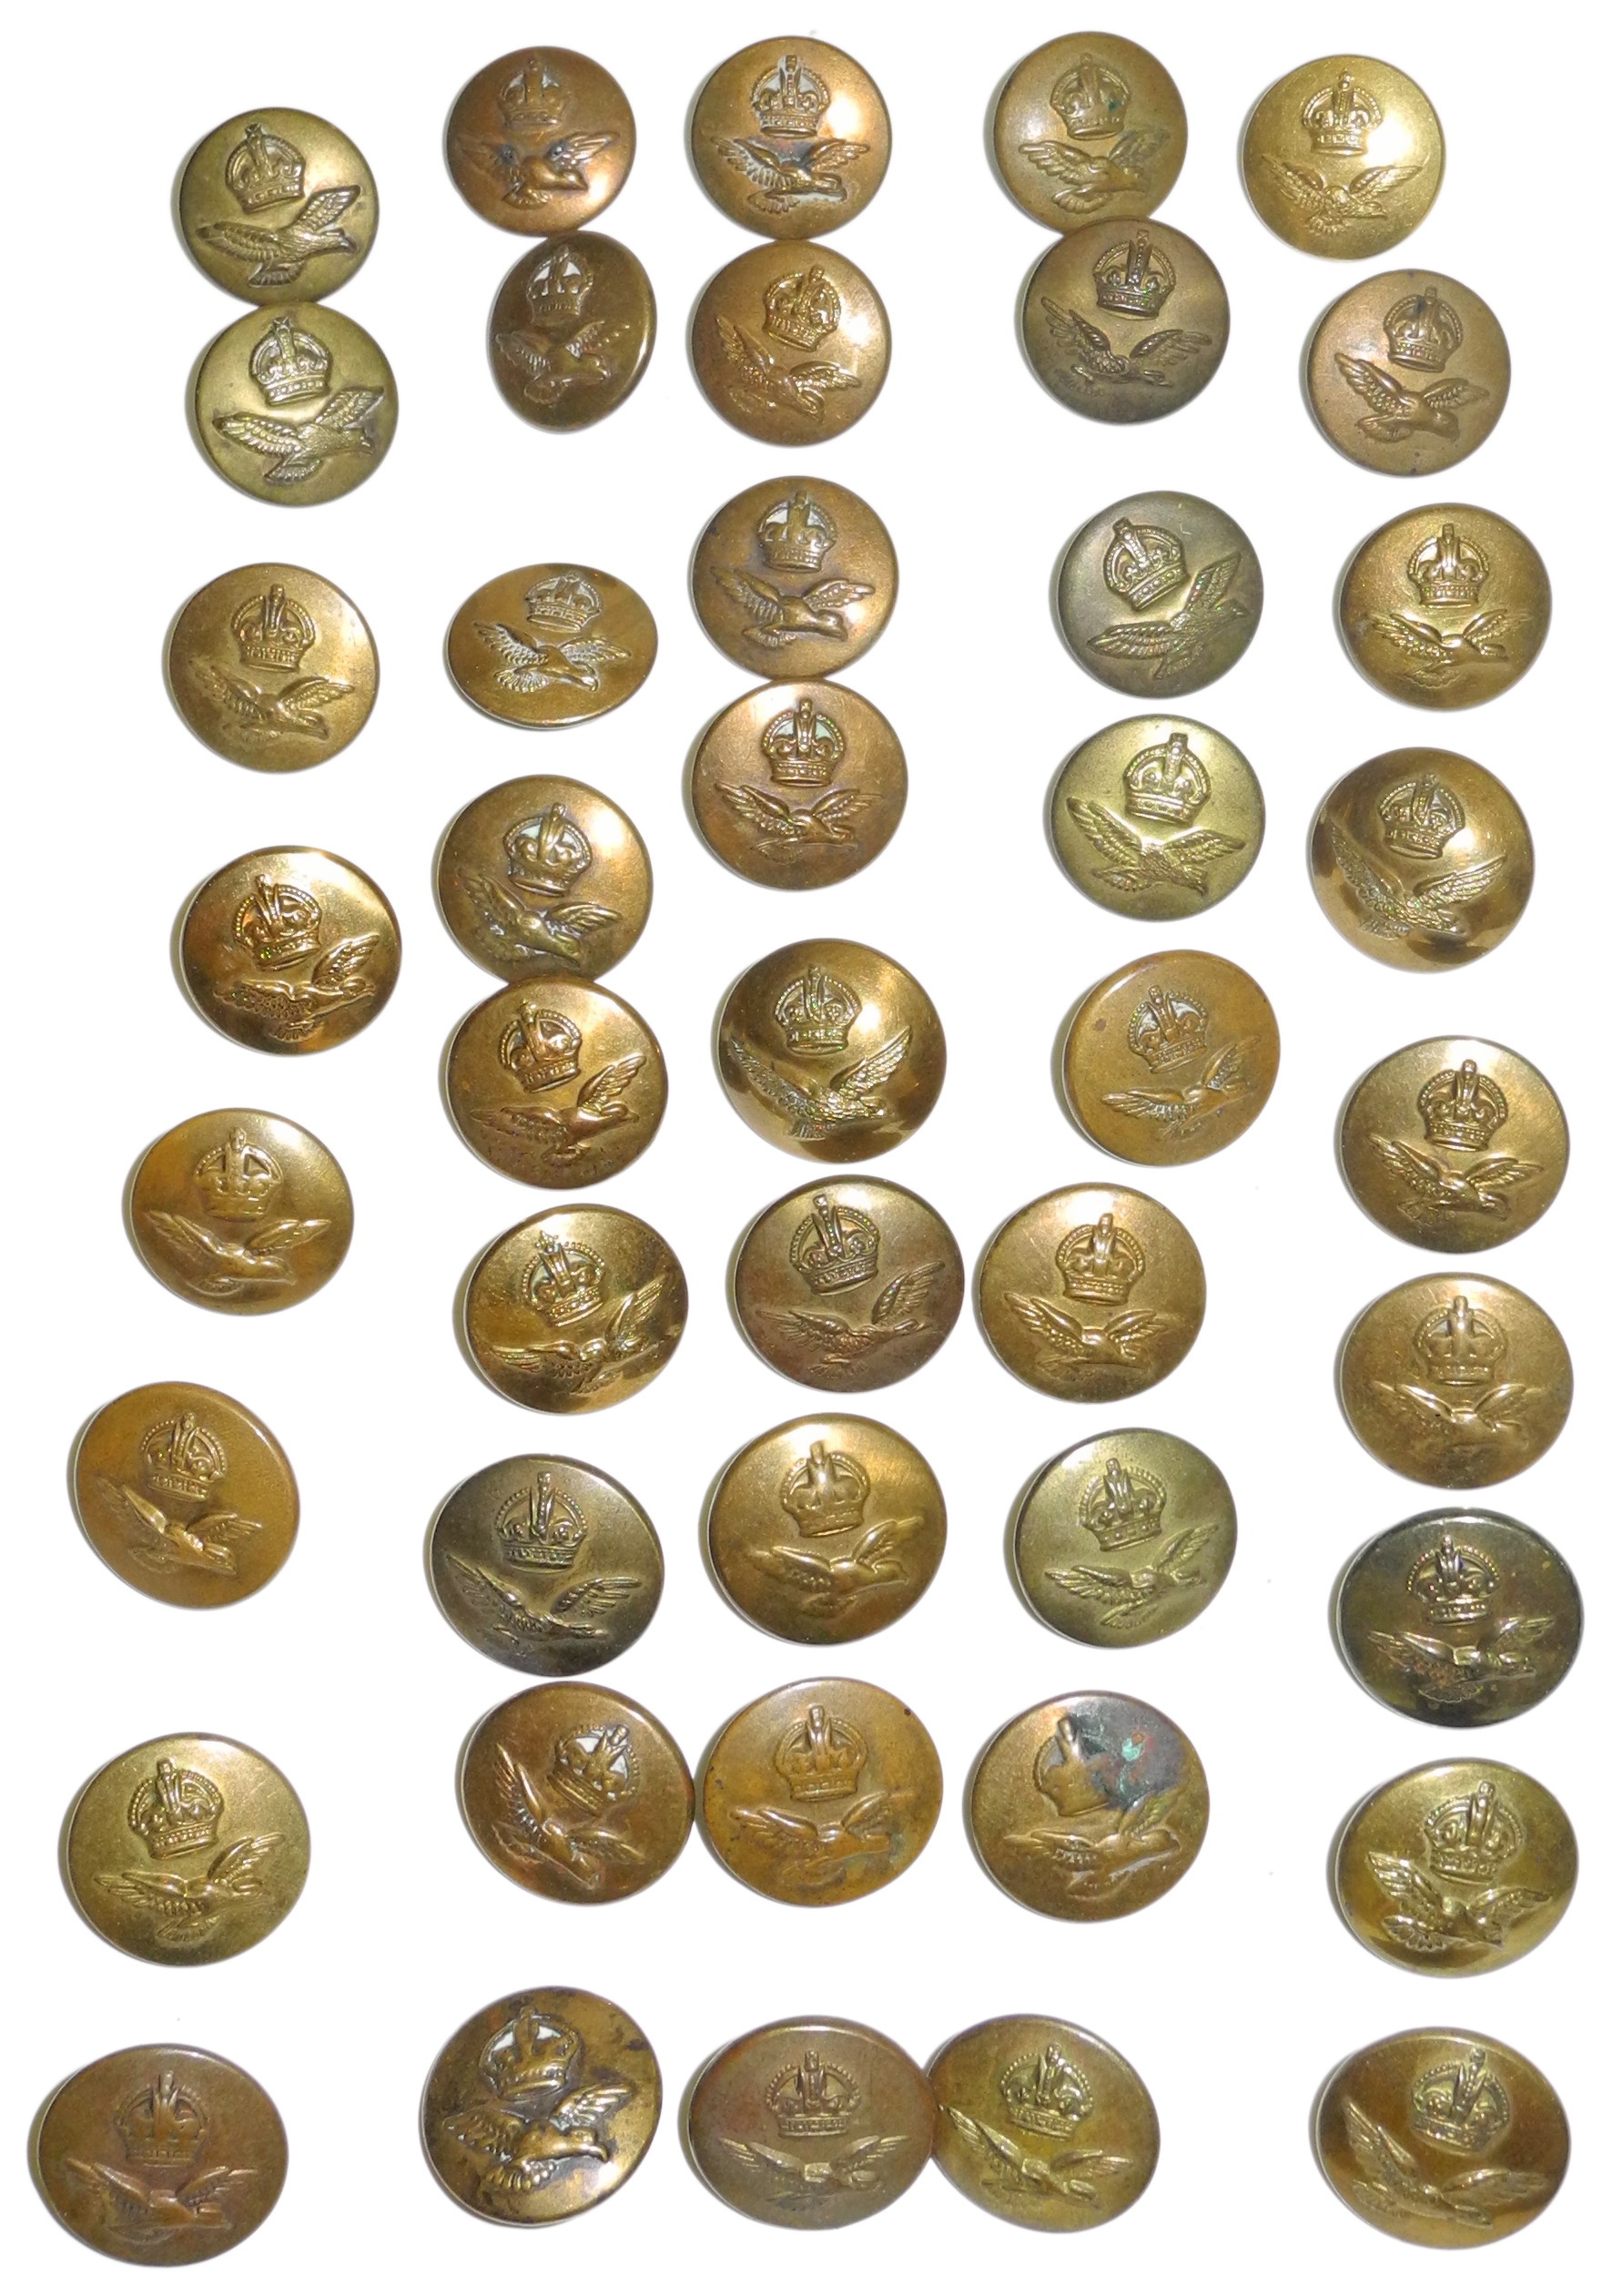 RAF KC buttons